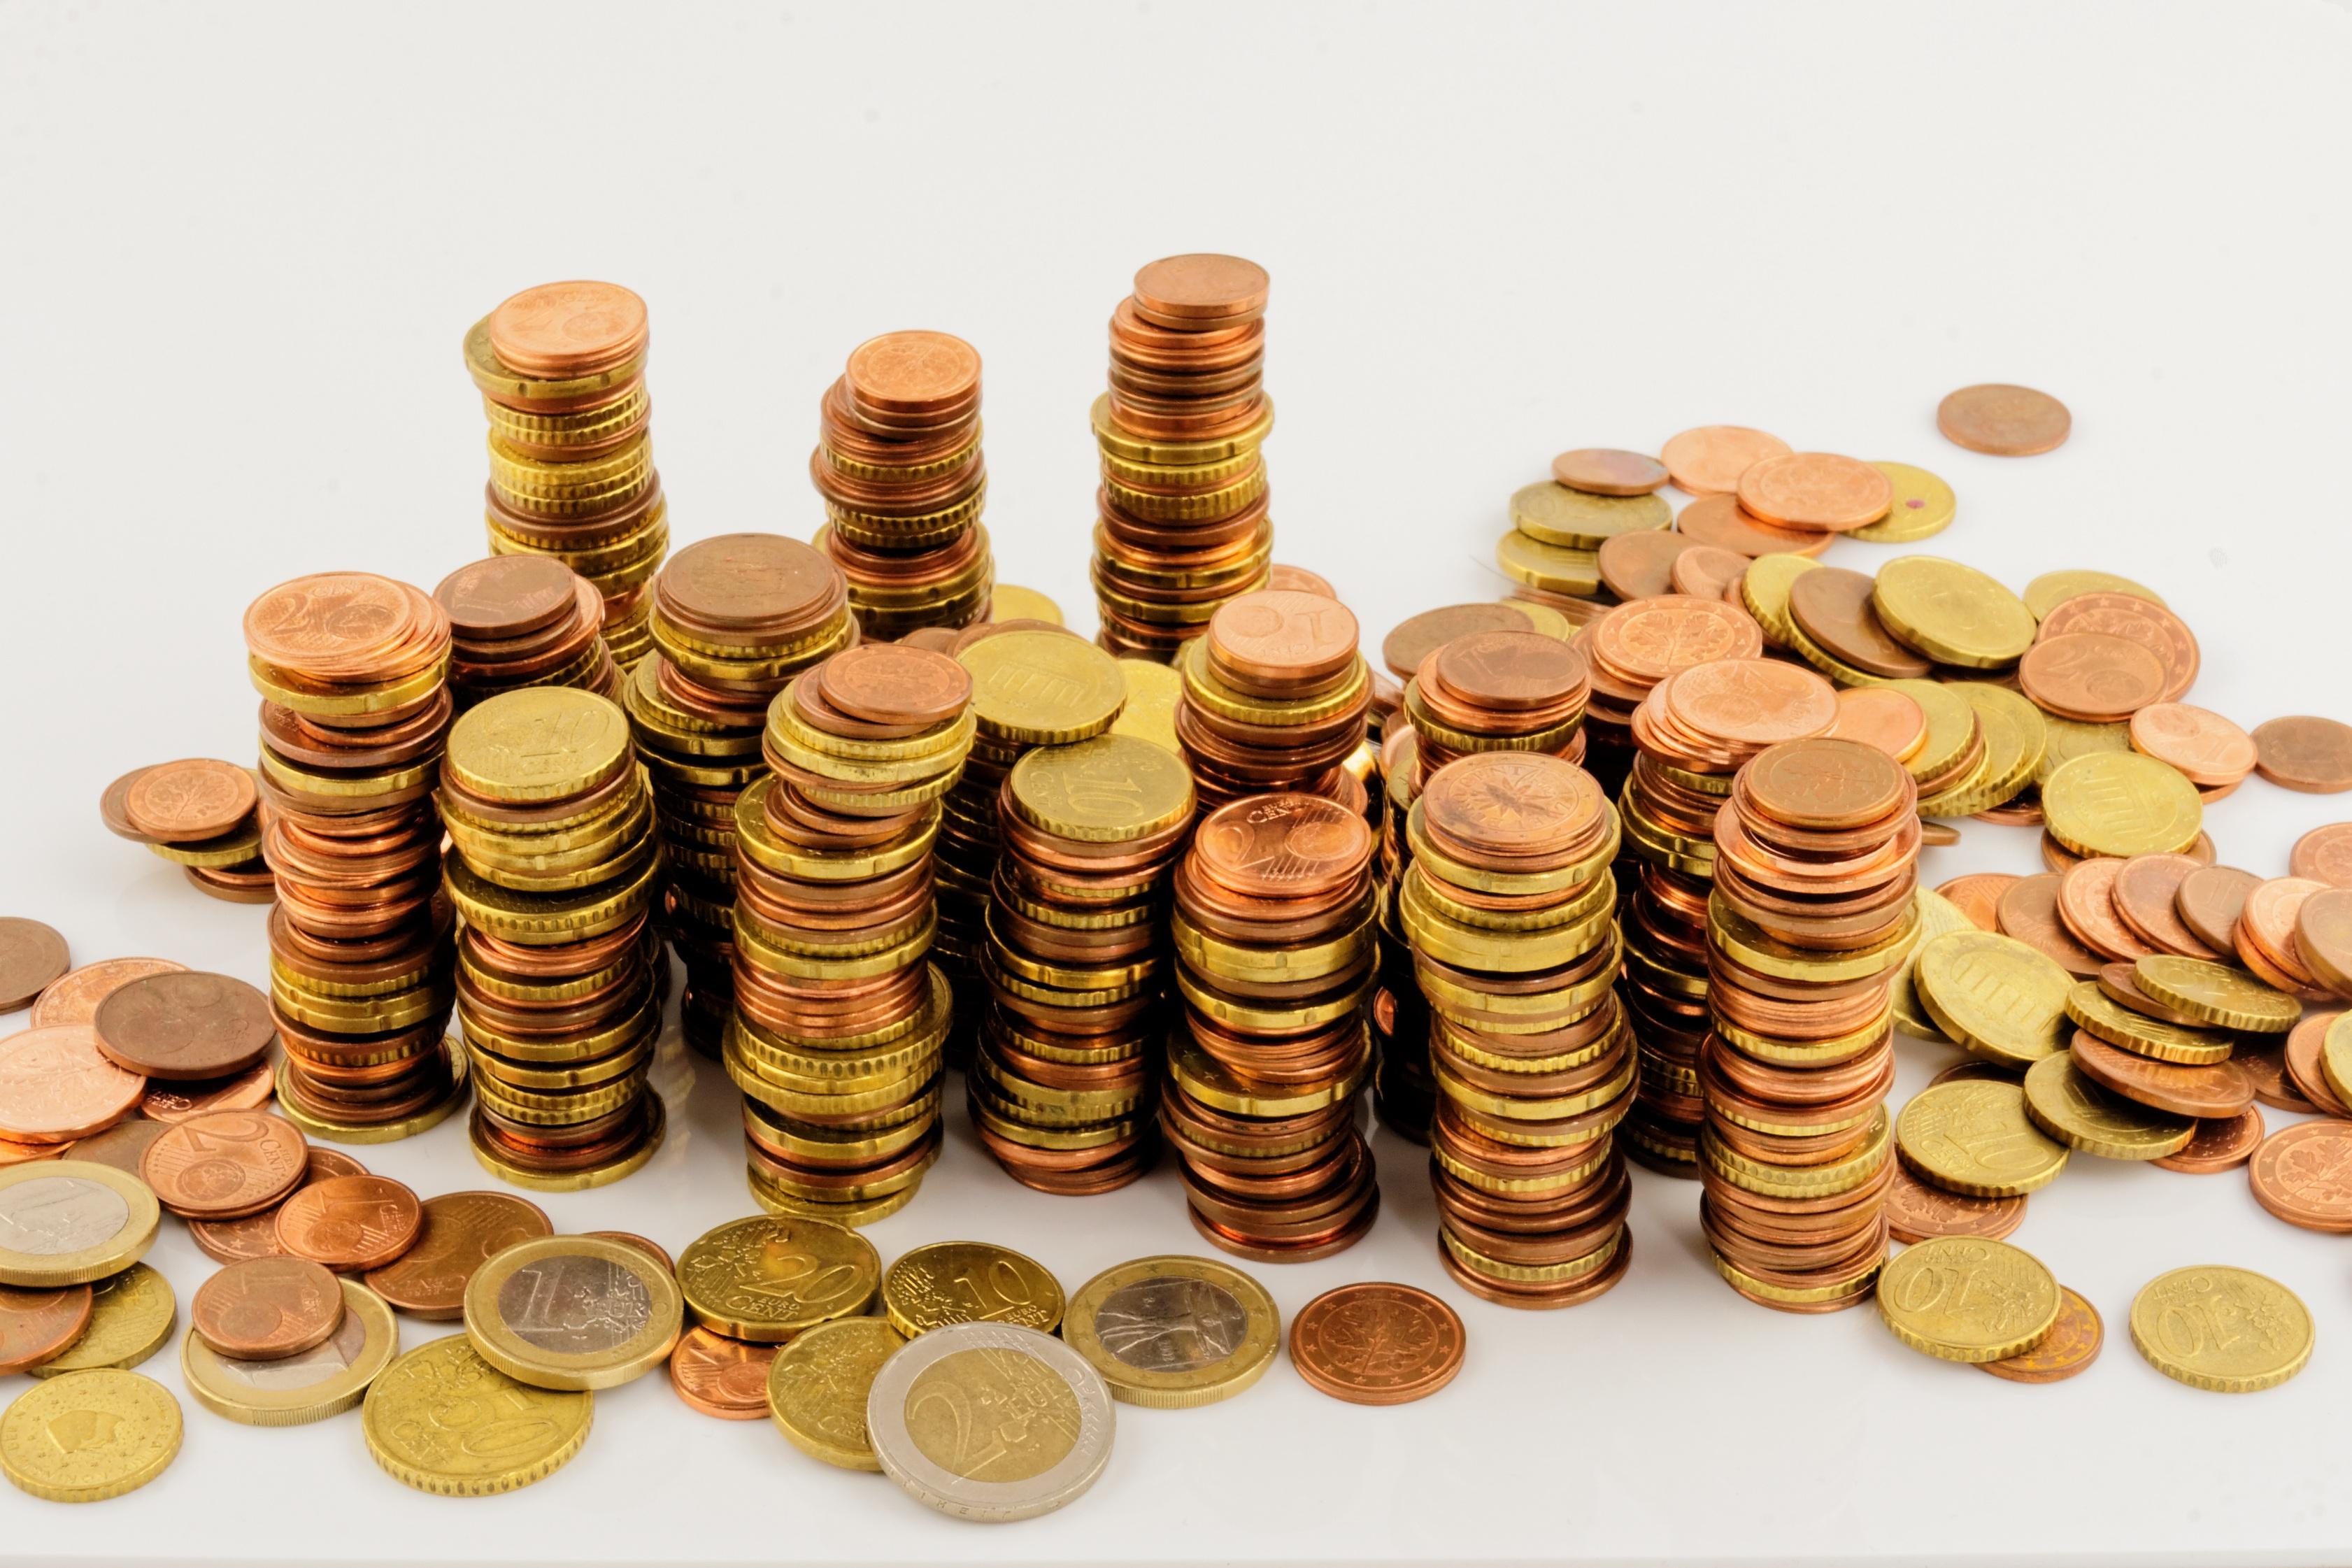 картинки с денежными средствами пьет, боится